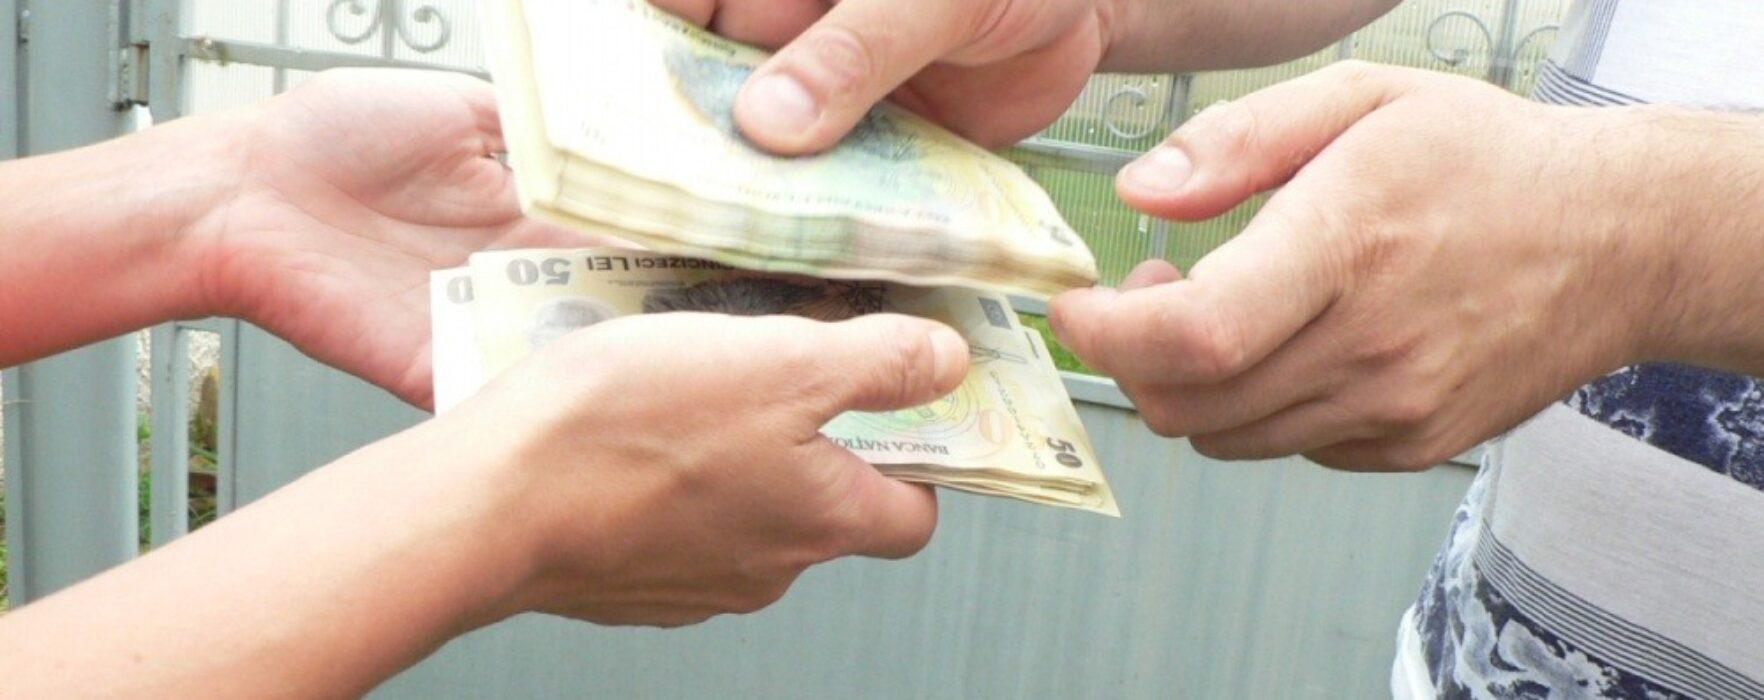 Bătrână din Târgovişte înşelată prin metoda accidentul; a pierdut 5.000 de euro şi bijuterii